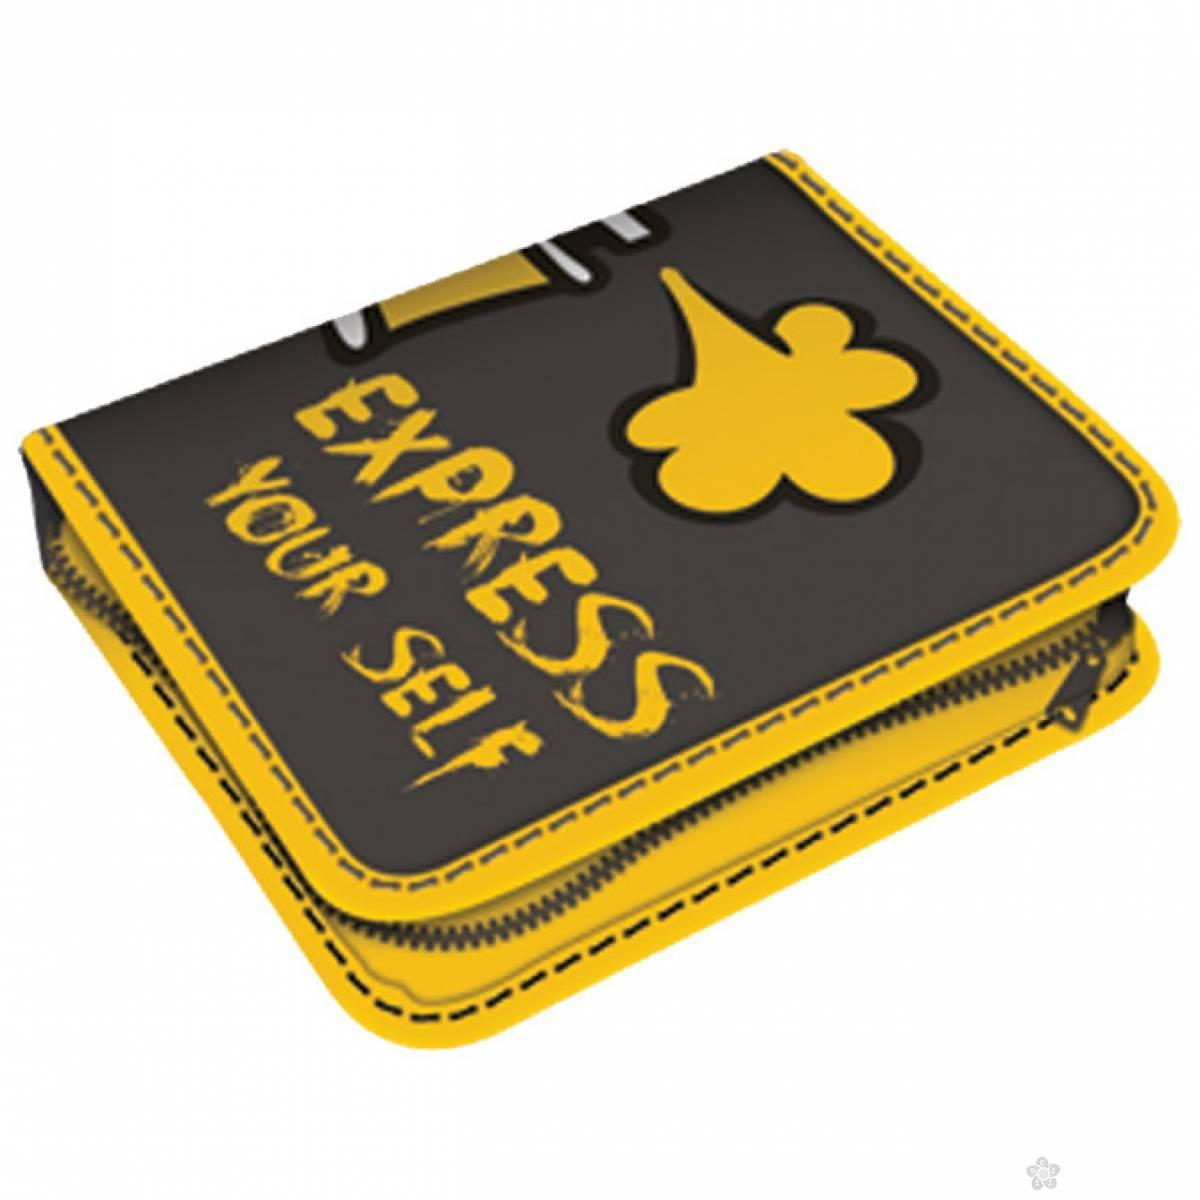 Pernica puna 1zip 2preklopa Express yourself  45055